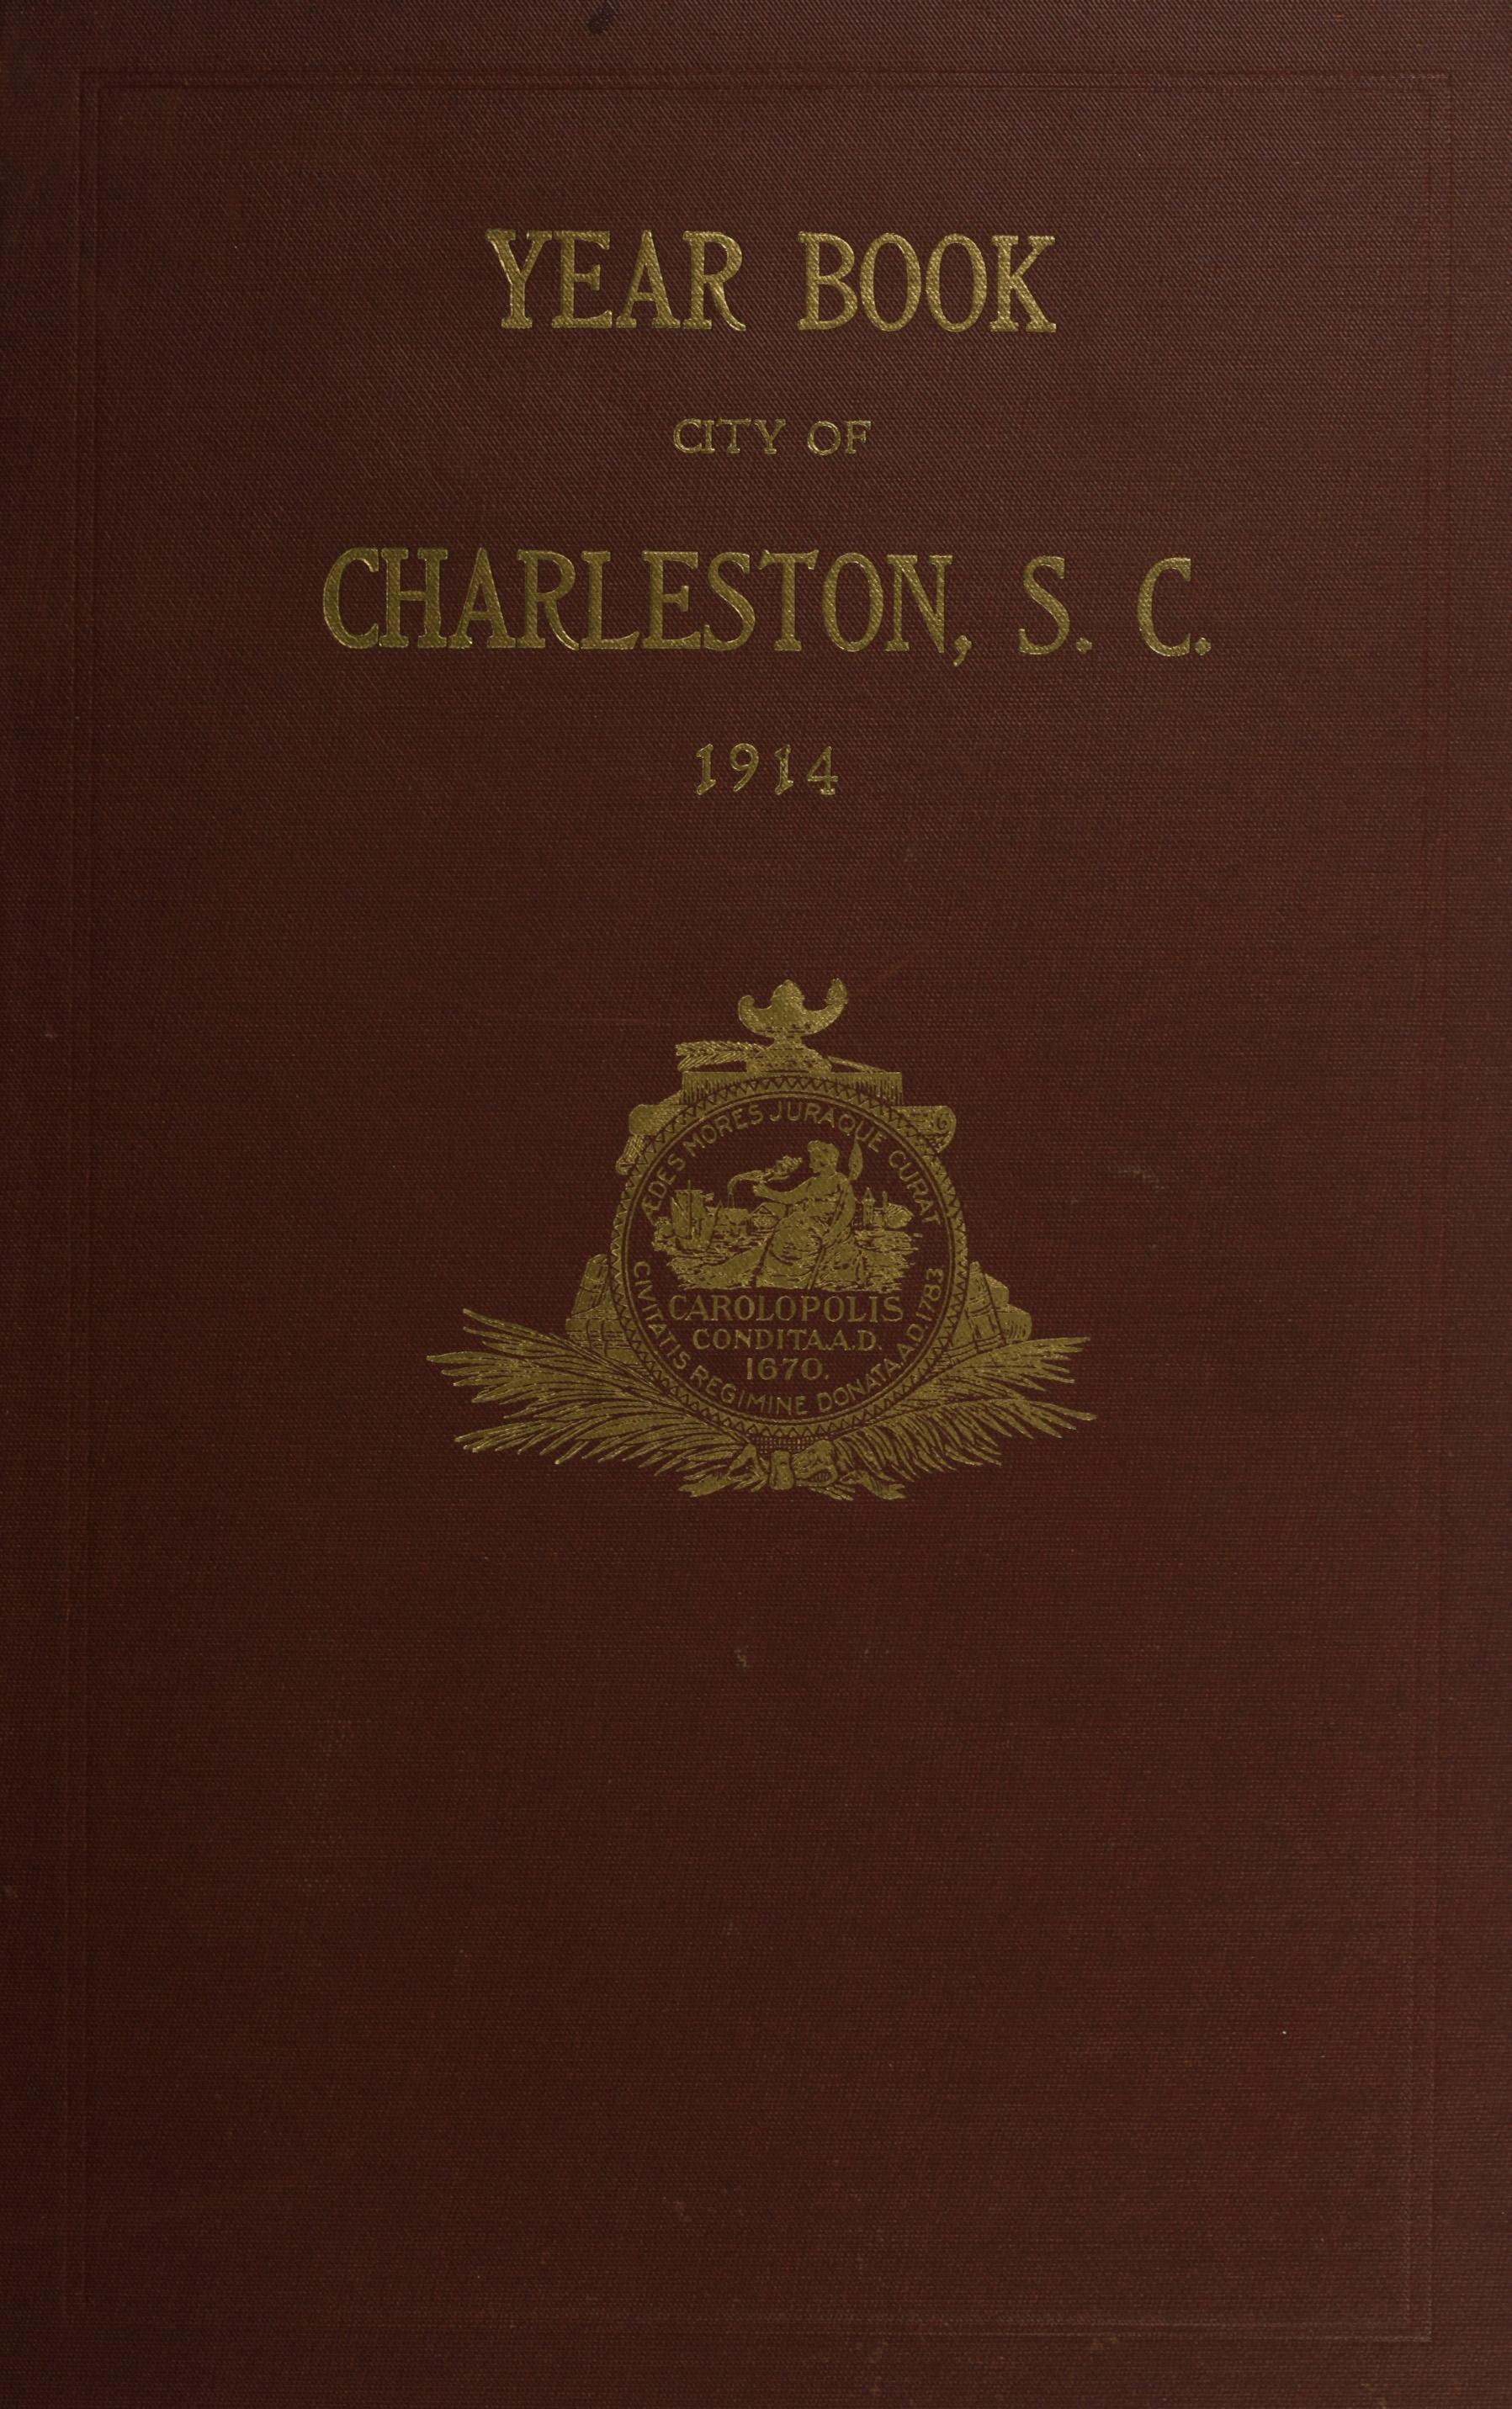 Charleston Yearbook, 1914, cover